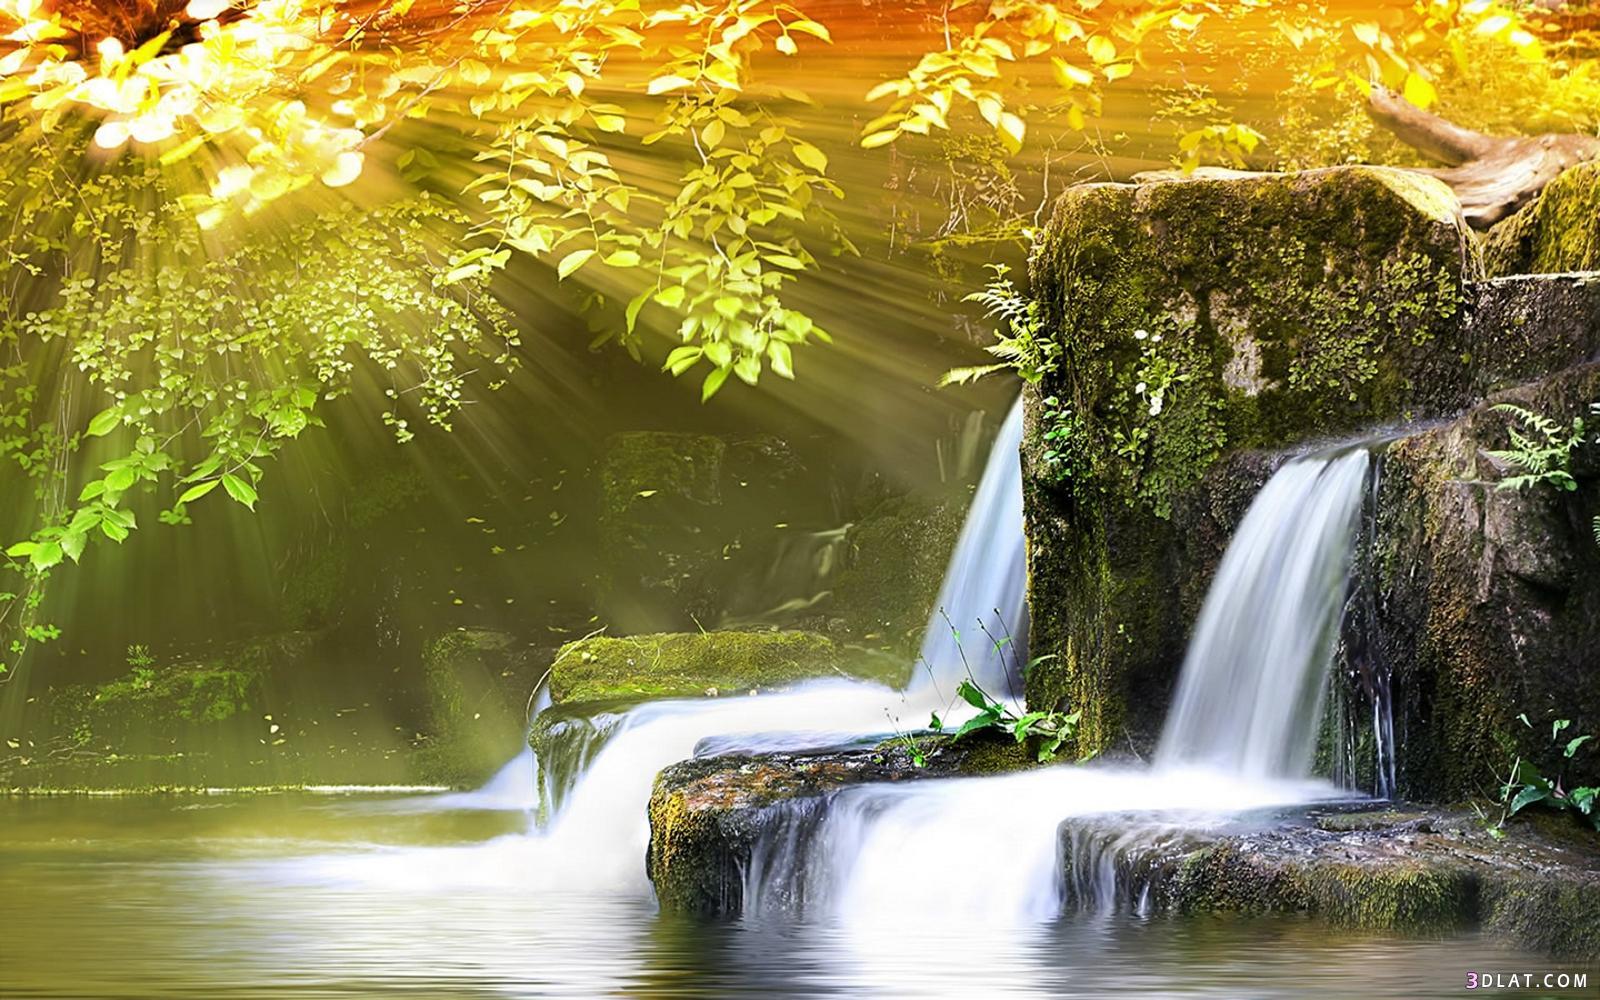 اجمل صور الطبيعة الخلابة 4